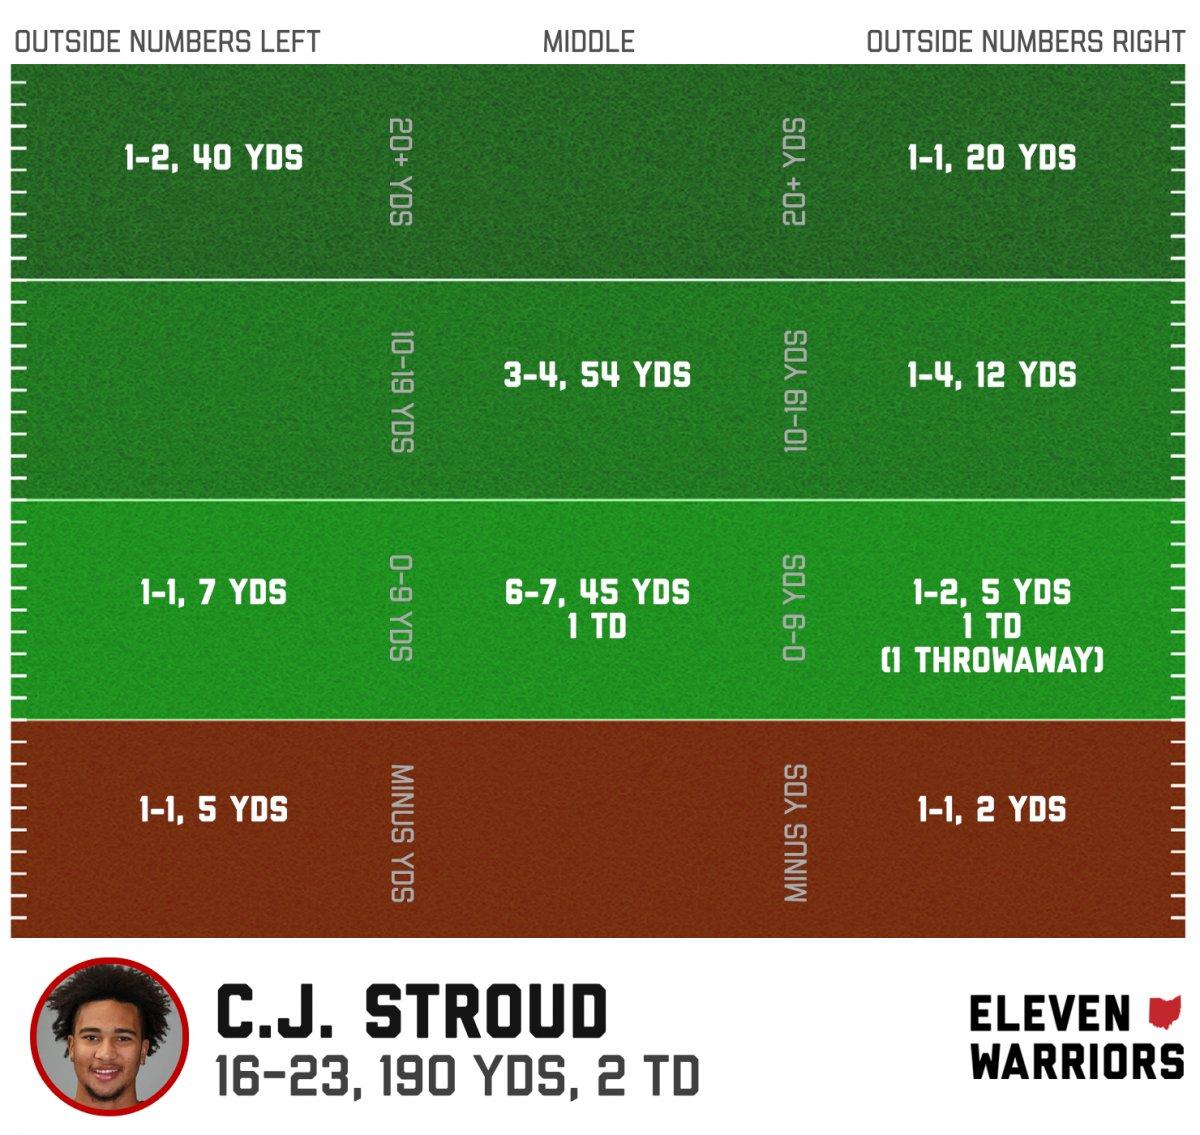 C.J. Stroud passing chart